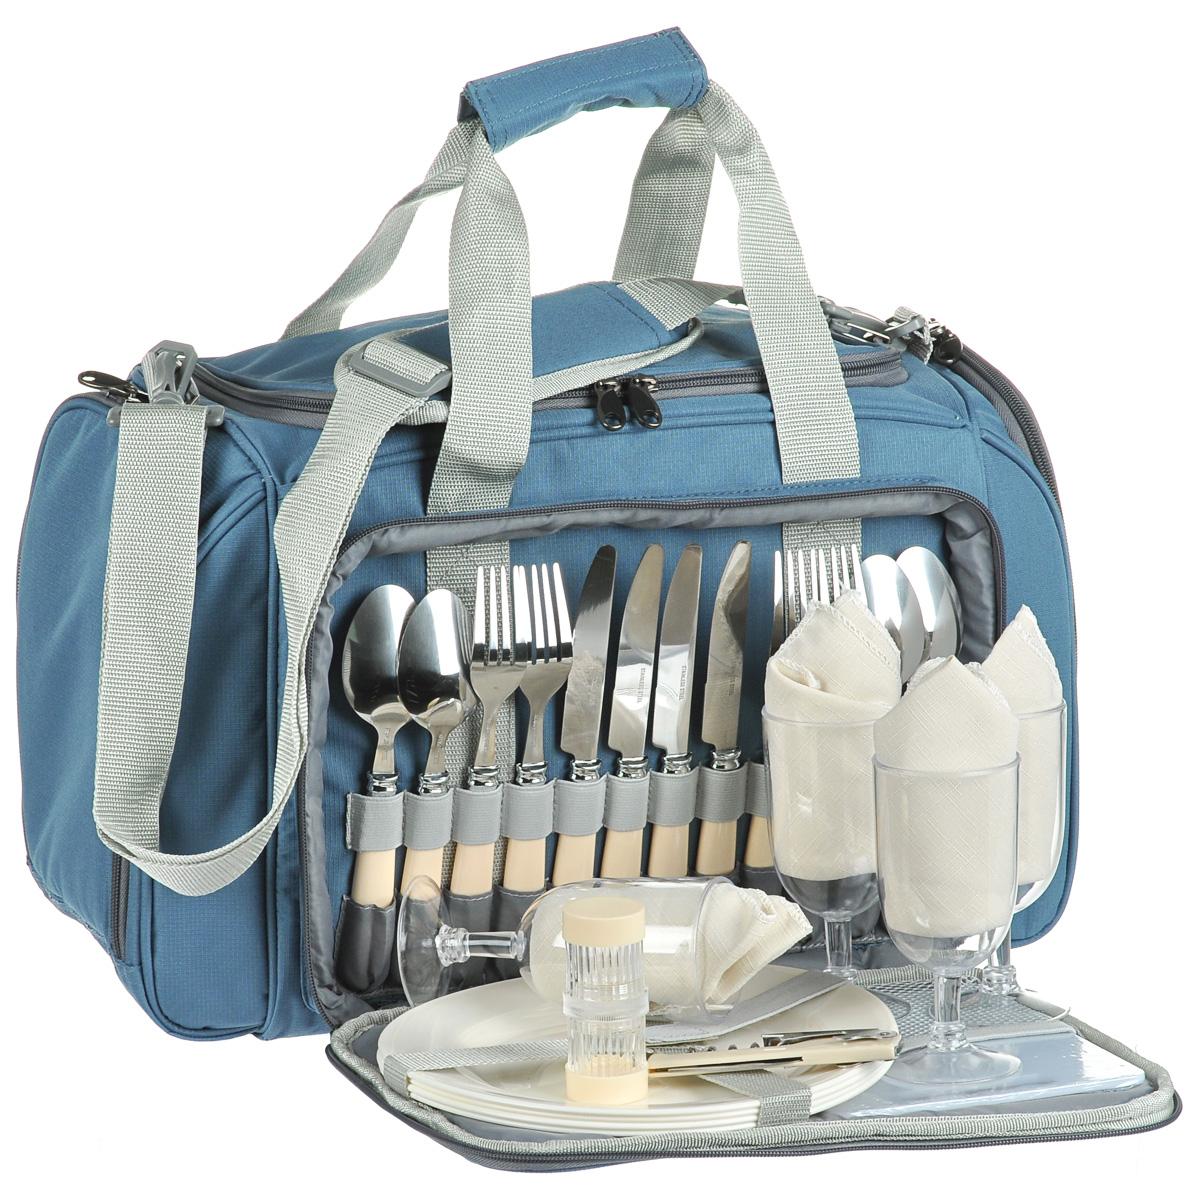 Термосумка Norfin Vardo, с посудой, цвет: голубой, серый, 52 см х 30 см х 31 см787502Сумка Norfin Vardo с набором для пикника на 4 персоны и с легкомоющимся термоотделением для продуктов объемом 20 л. Сумка оснащена двойными ручками и регулируемым по длине наплечным ремнем.В комплект входит посуда и принадлежности для пикника:4 ложки.4 вилки.4 ножа4 тарелки. 4 бокала.4 тканевые салфетки.Разделочная доска.Открывалка-штопор.Солонка двухсекционная.Нож сырный.Длина ножей: 21 см.Длина вилок: 20 см.Длина ложек: 19 см.Диаметр тарелок: 23,5 см.Высота тарелок: 2 см.Диаметр бокалов: 6,5 см.Высота бокалов: 14 см.Размер салфеток: 34 см х 34 см.Размер разделочной доски: 18 см х 15 см.Длина открывалки-штопора: 11 см.Диаметр солонки: 3,5 см.Высота солонки: 8 см.Длина сырного ножа: 21 см.Размер сумки: 52 см х 30 см х 31 см.